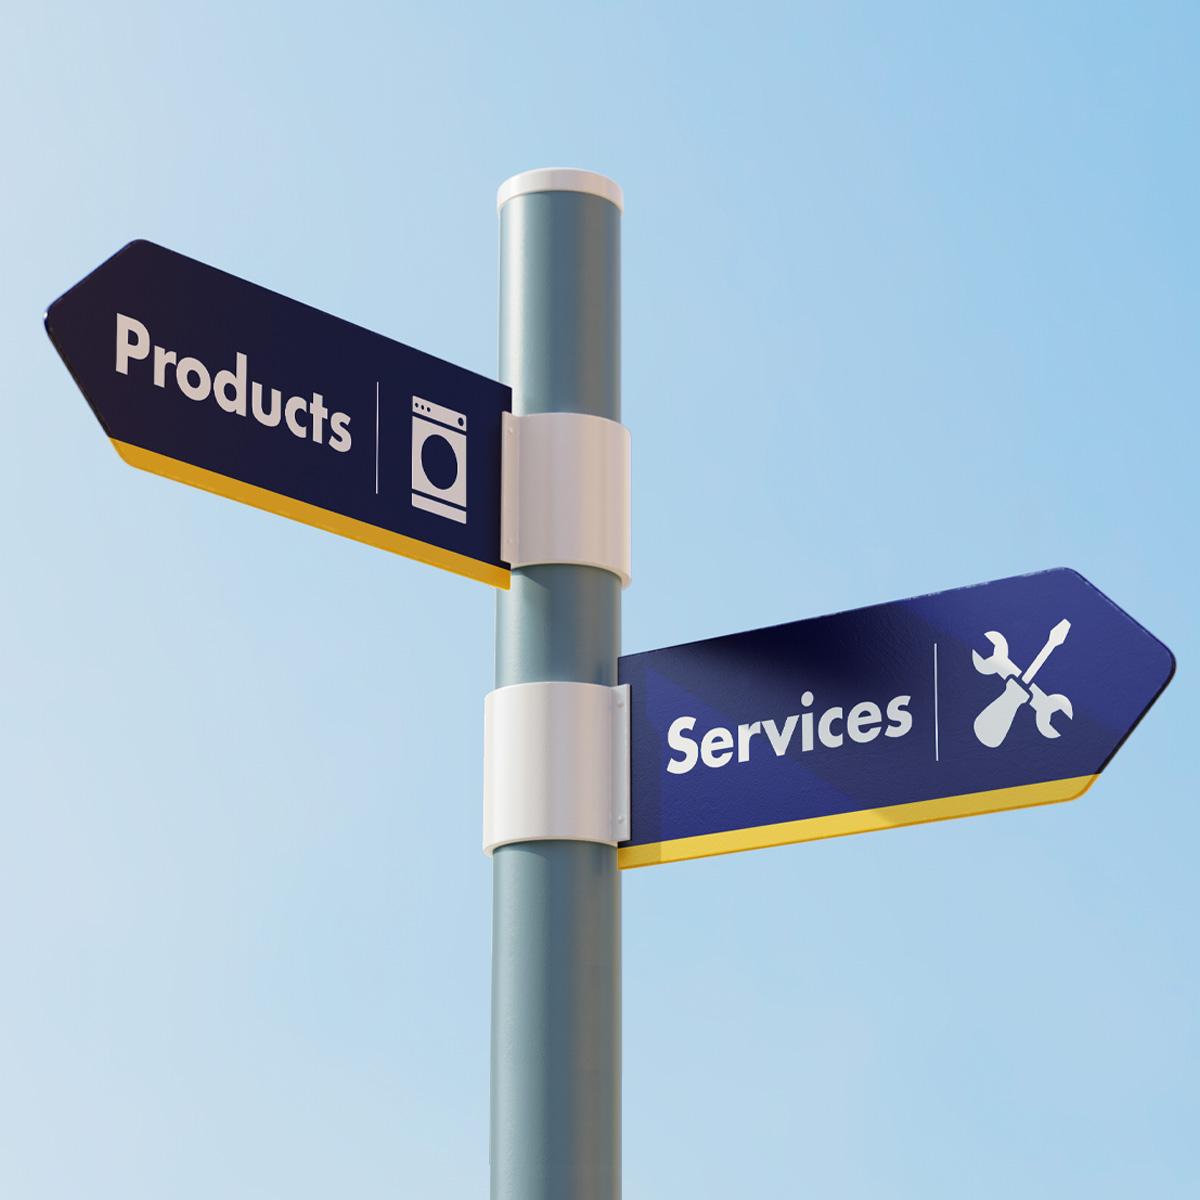 Productos y Servicios